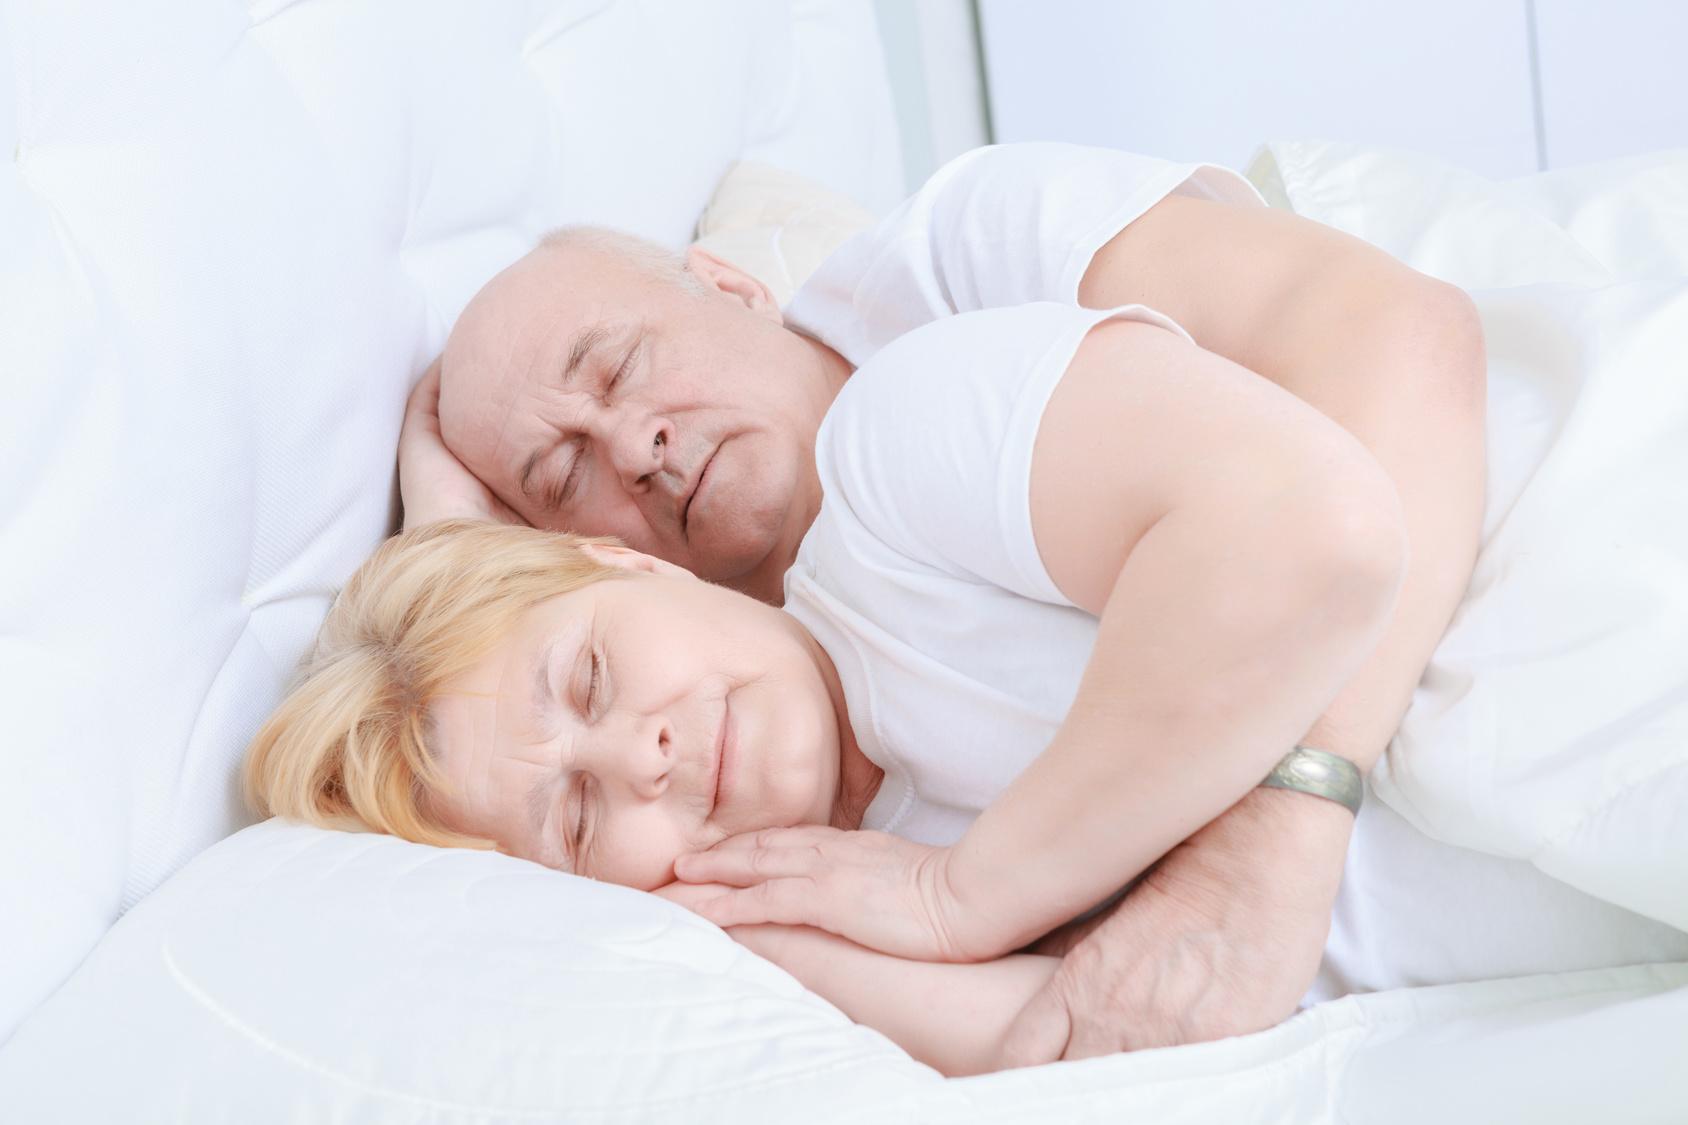 senioren-im-bett-umarmung-loeffelchenstellung-weisse-bettwaesche